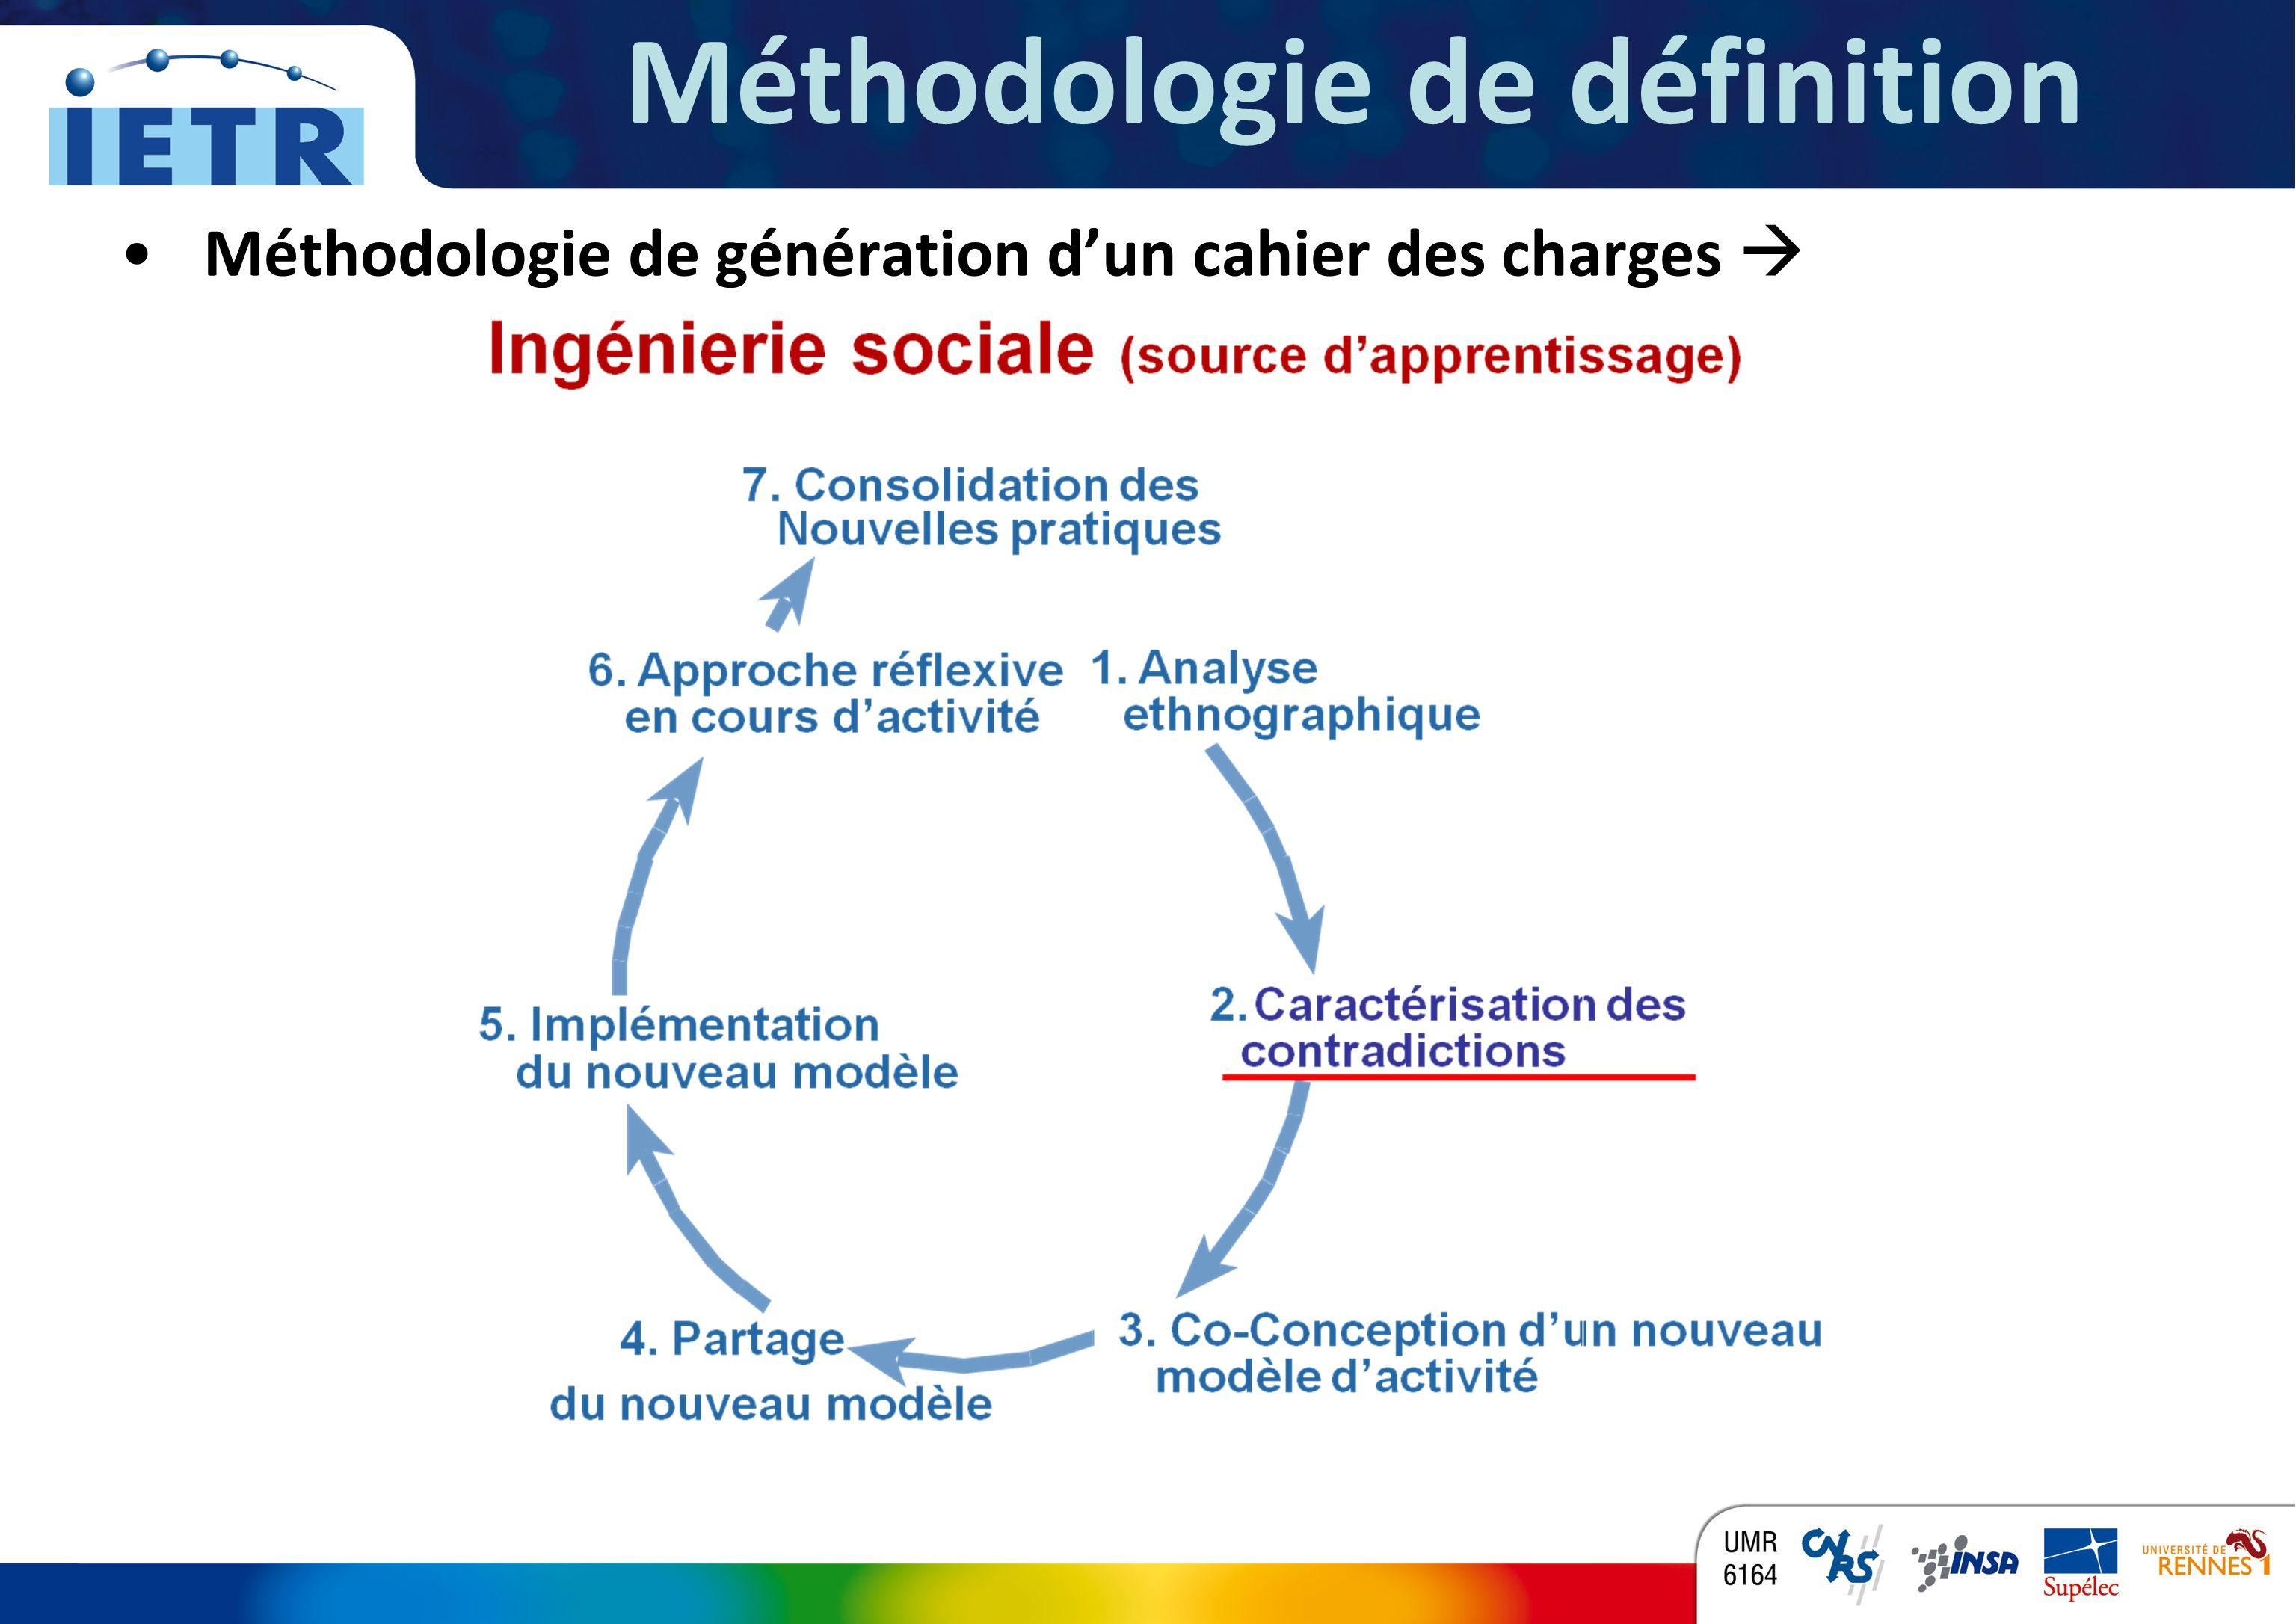 Méthodologie de définition